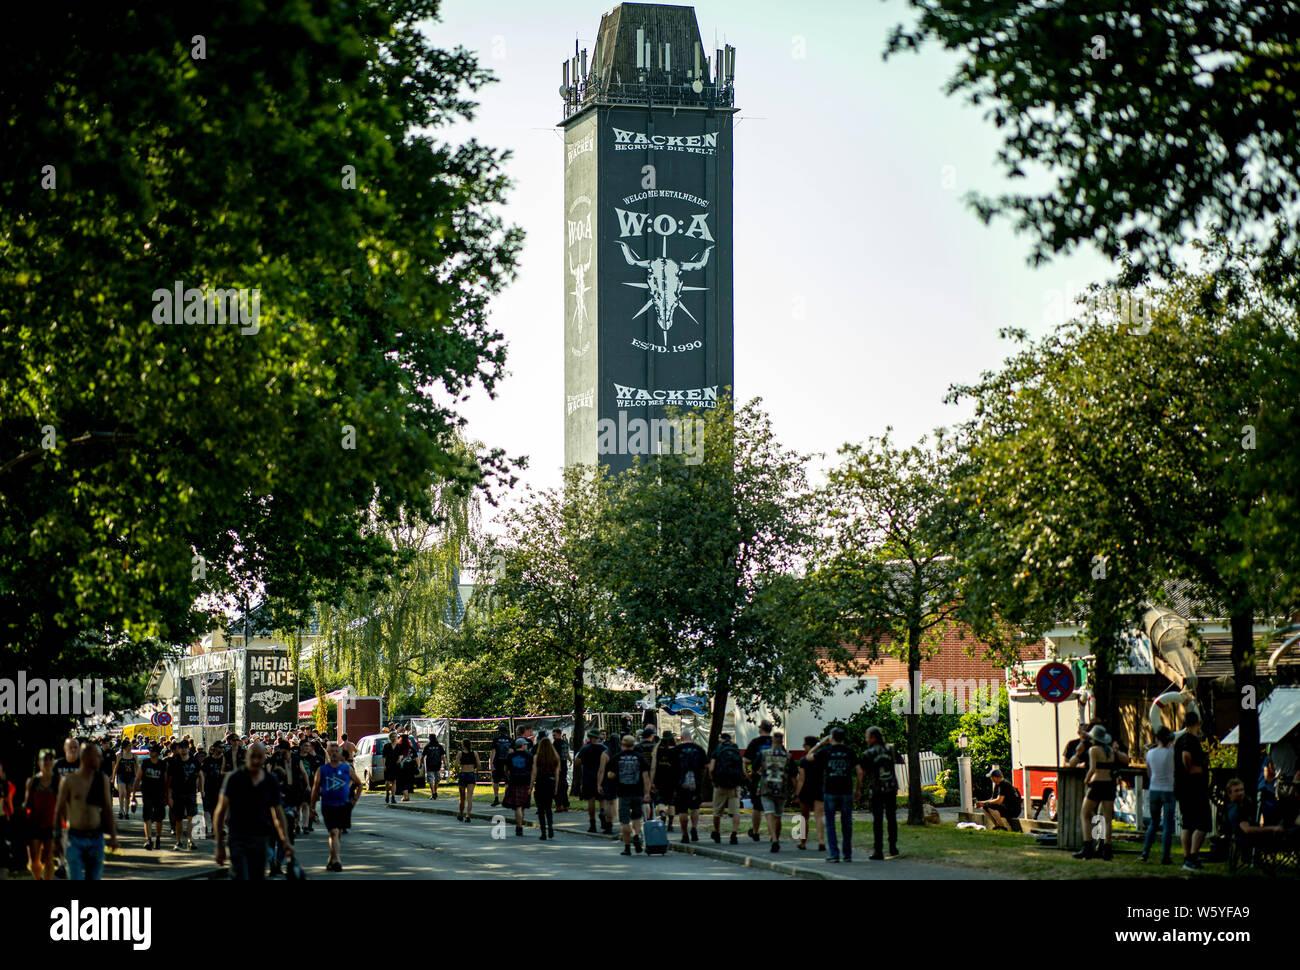 Wacken, Alemania. El 30 de julio, 2019. Los visitantes de la Wacken-Festival caminar a lo largo de la calle principal de la villa. El viaje al Festival Meatö más grande en el mundo, según los organizadores está en pleno apogeo. Crédito: Axel Heimken/dpa/Alamy Live News Foto de stock